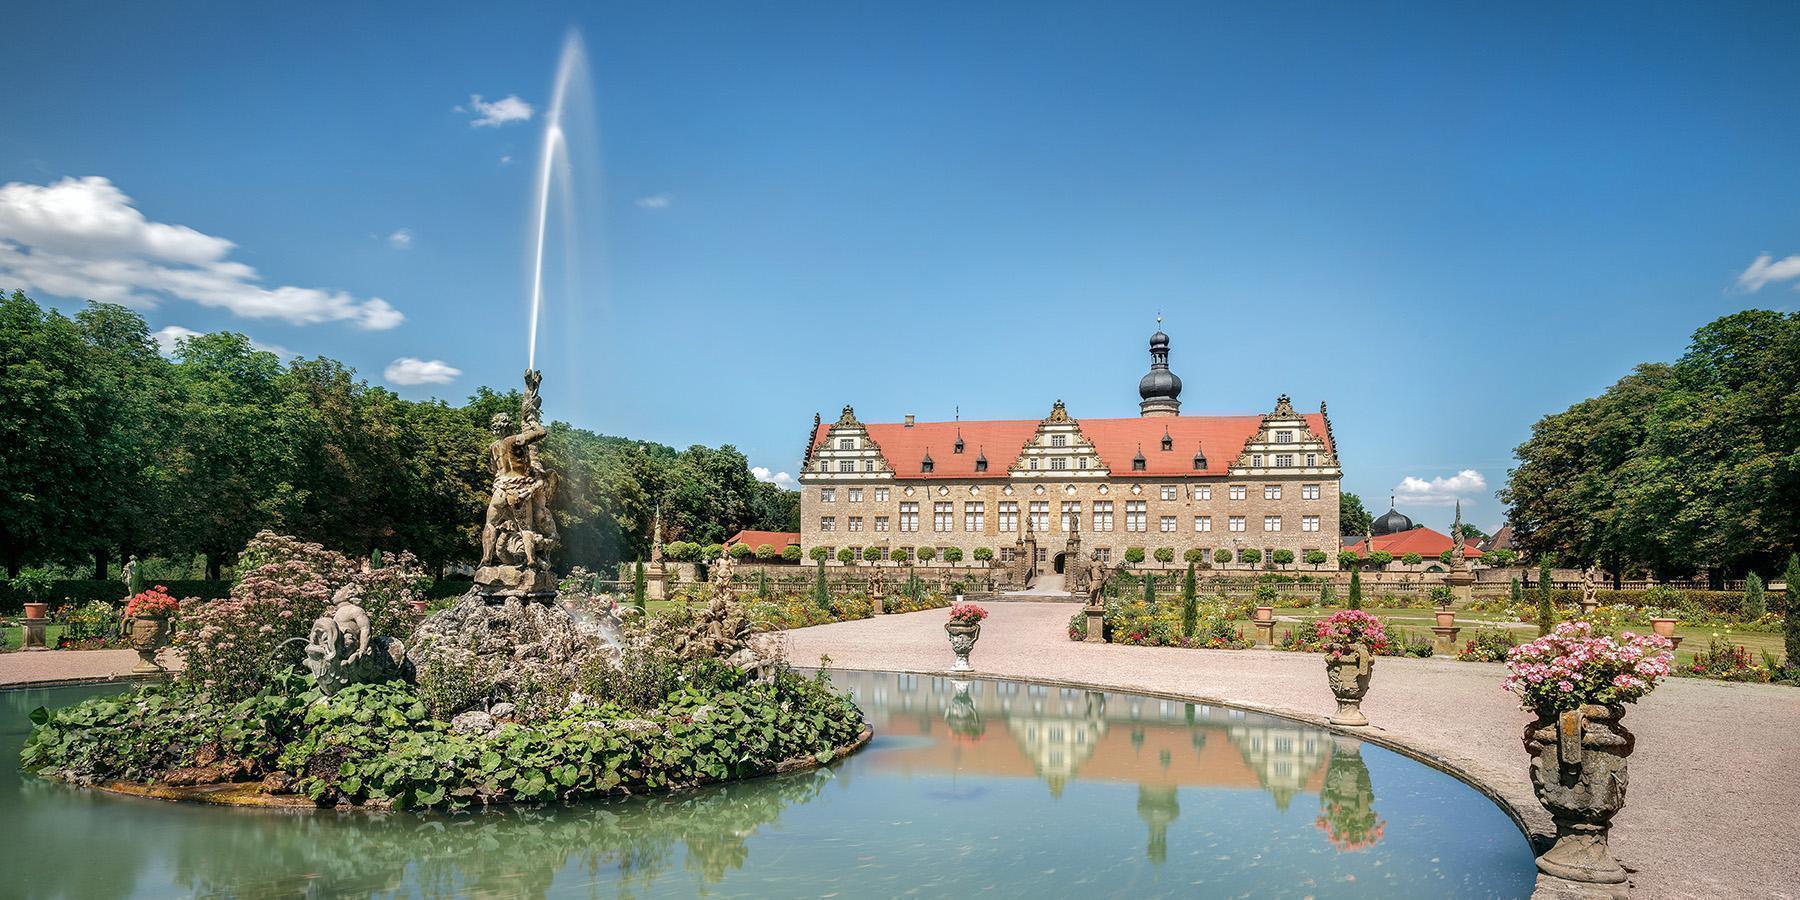 Weikersheim palace and garden; Photo: Staatliche Schlösser und Gärten Baden-Württemberg, Günter Bayerl